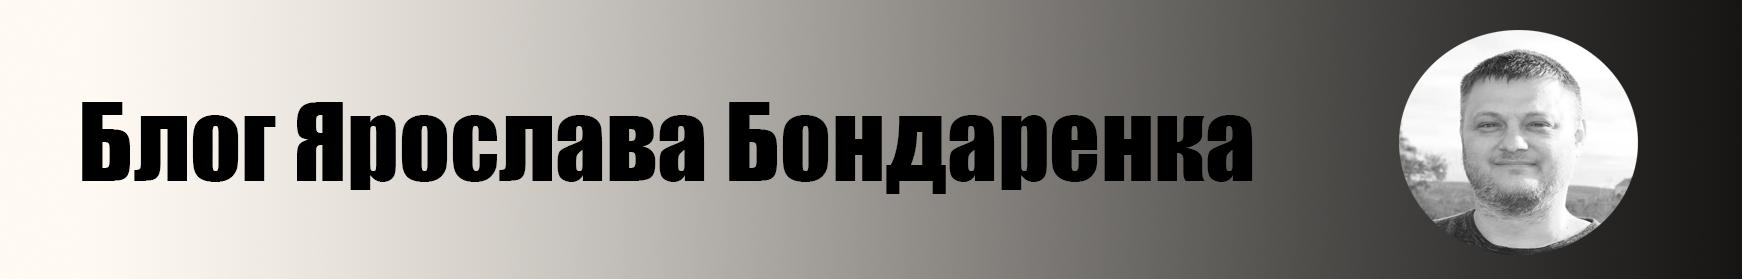 Блог Ярослава Бондаренко